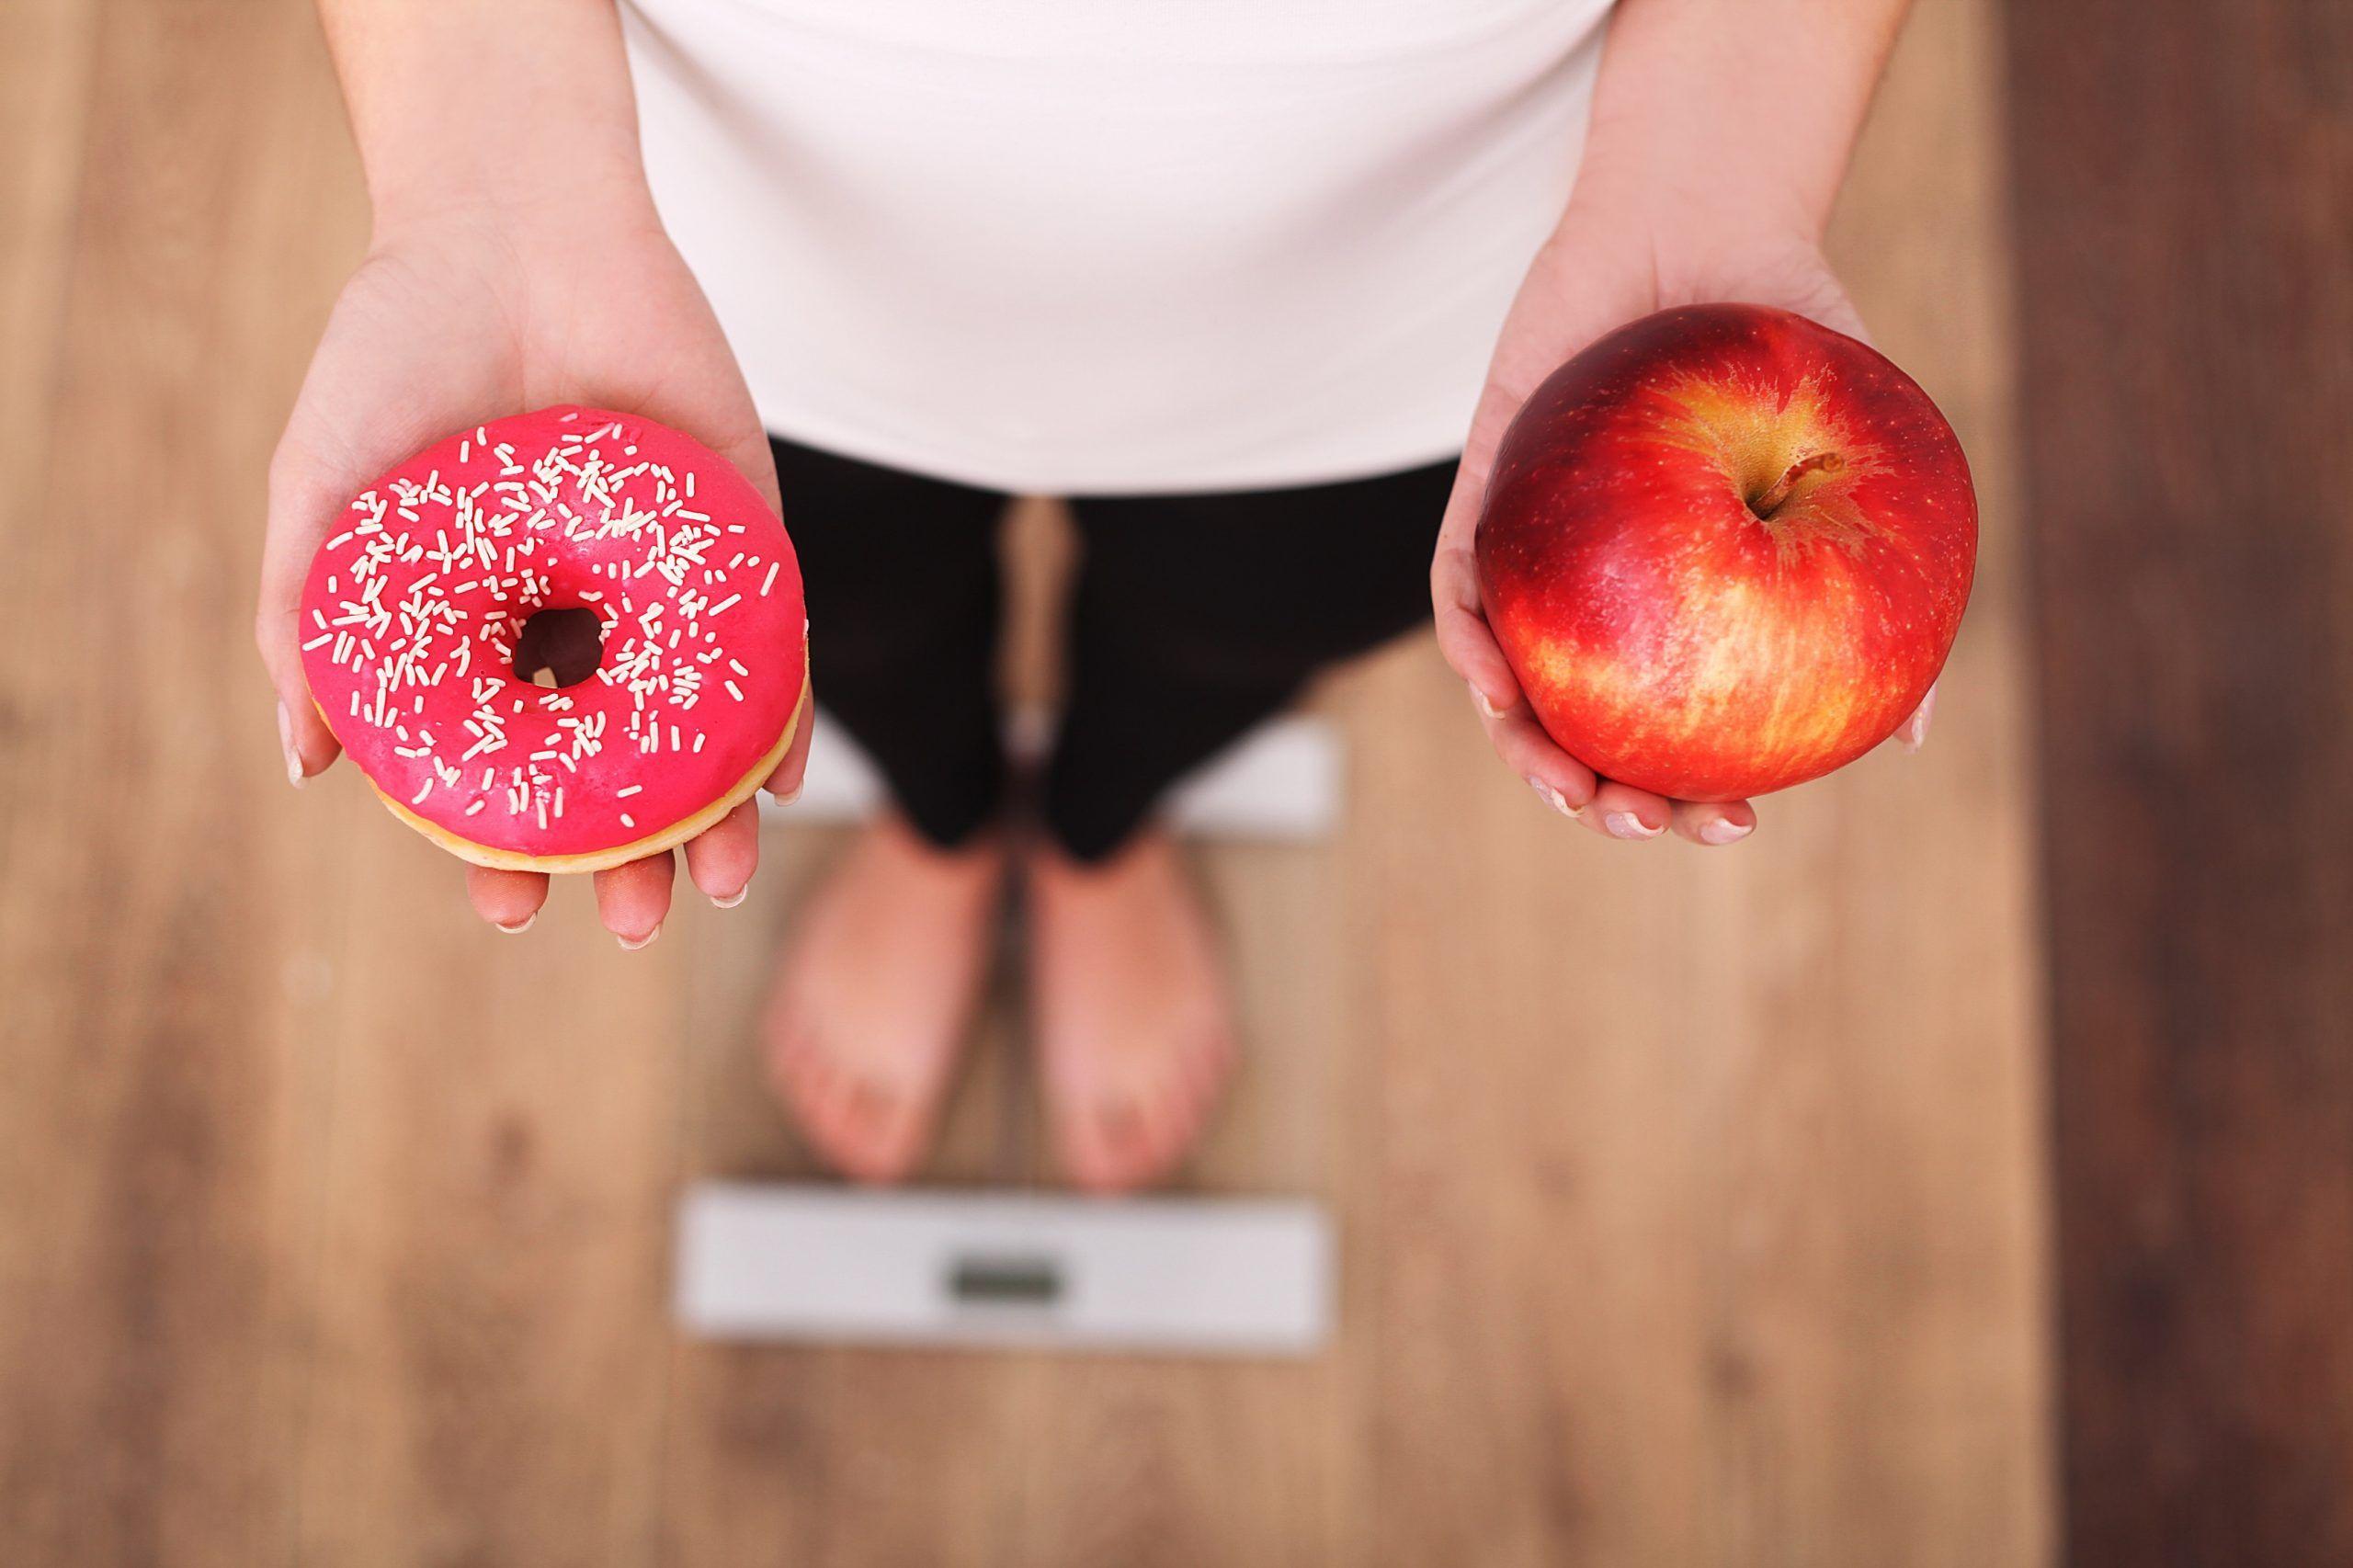 Μοντέλο Αλλαγής της Διατροφικής Συμπεριφοράς.